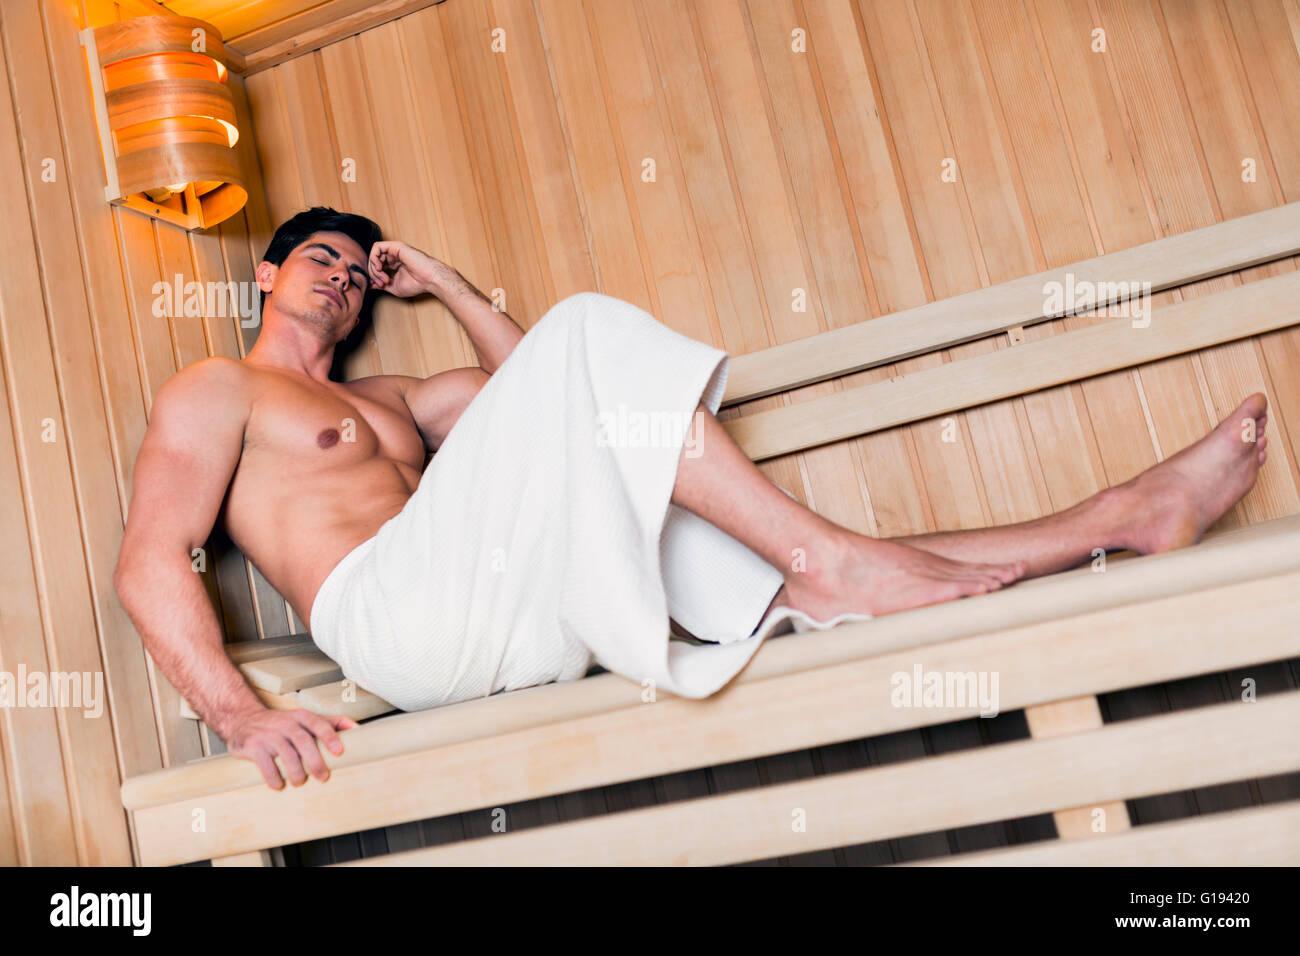 Handsome man relaxing in a sauna avec une serviette enroulée autour de la taille Photo Stock